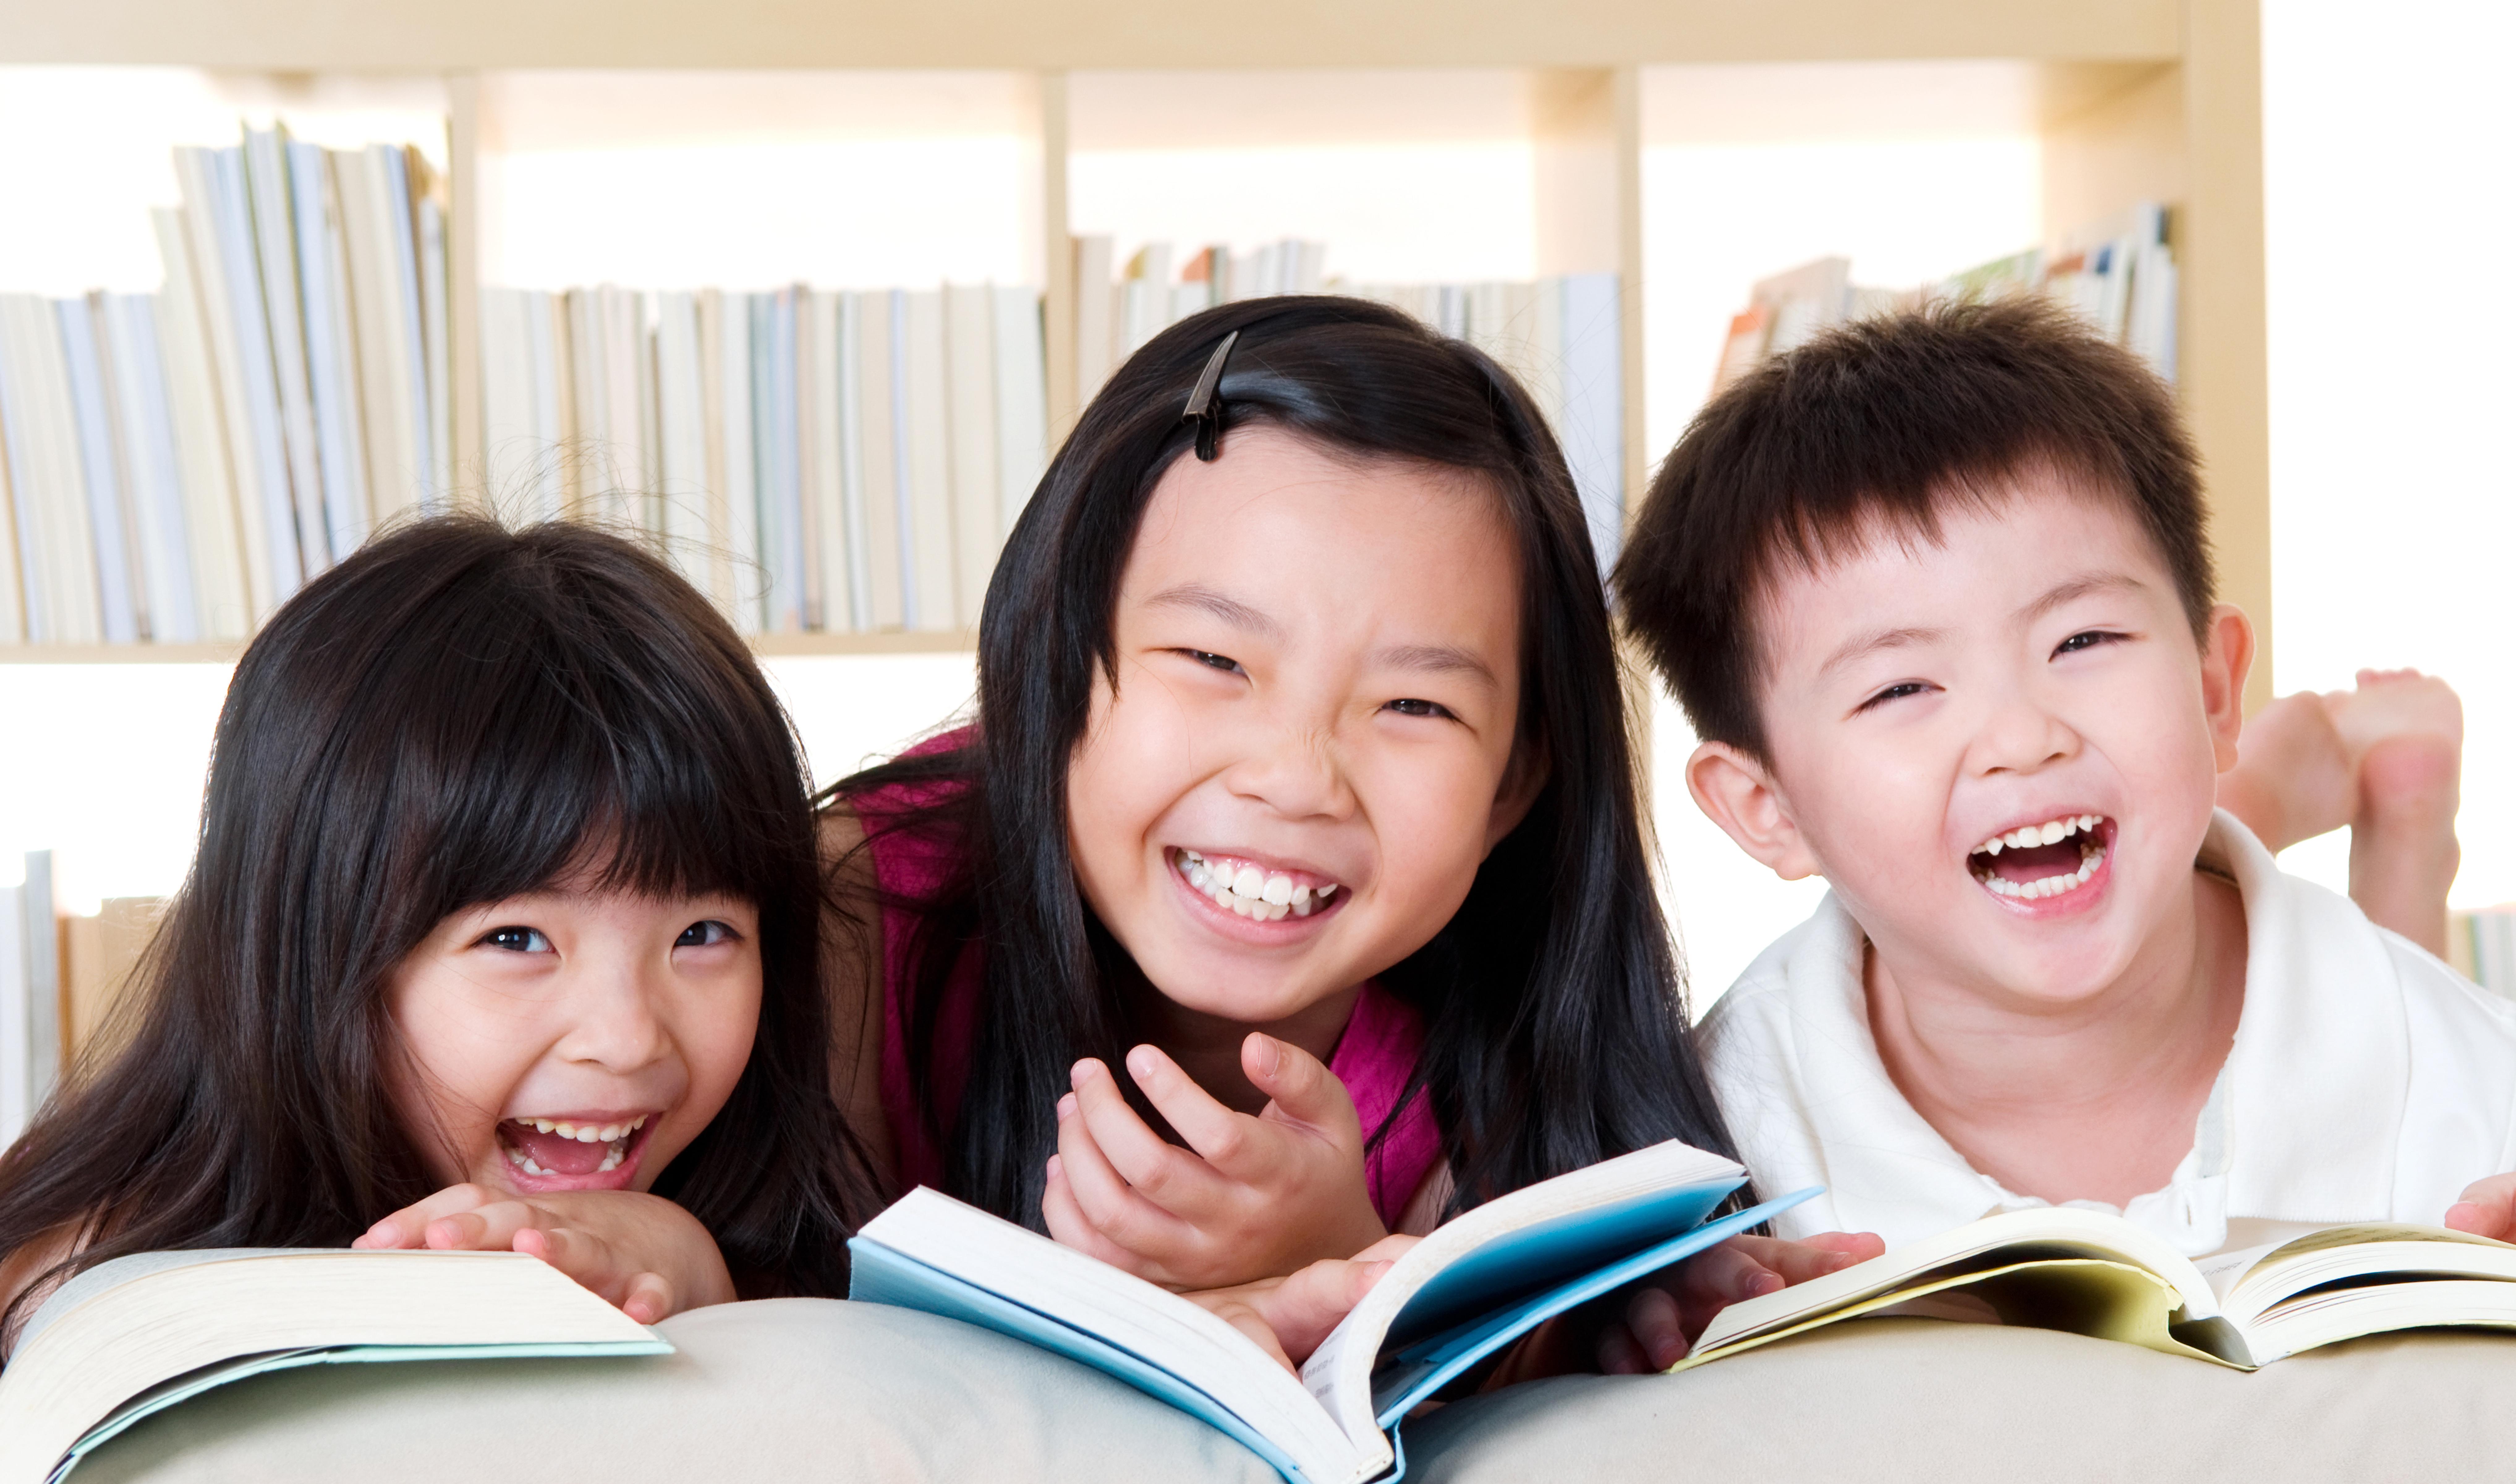 shutterstock_141166507 3 kids